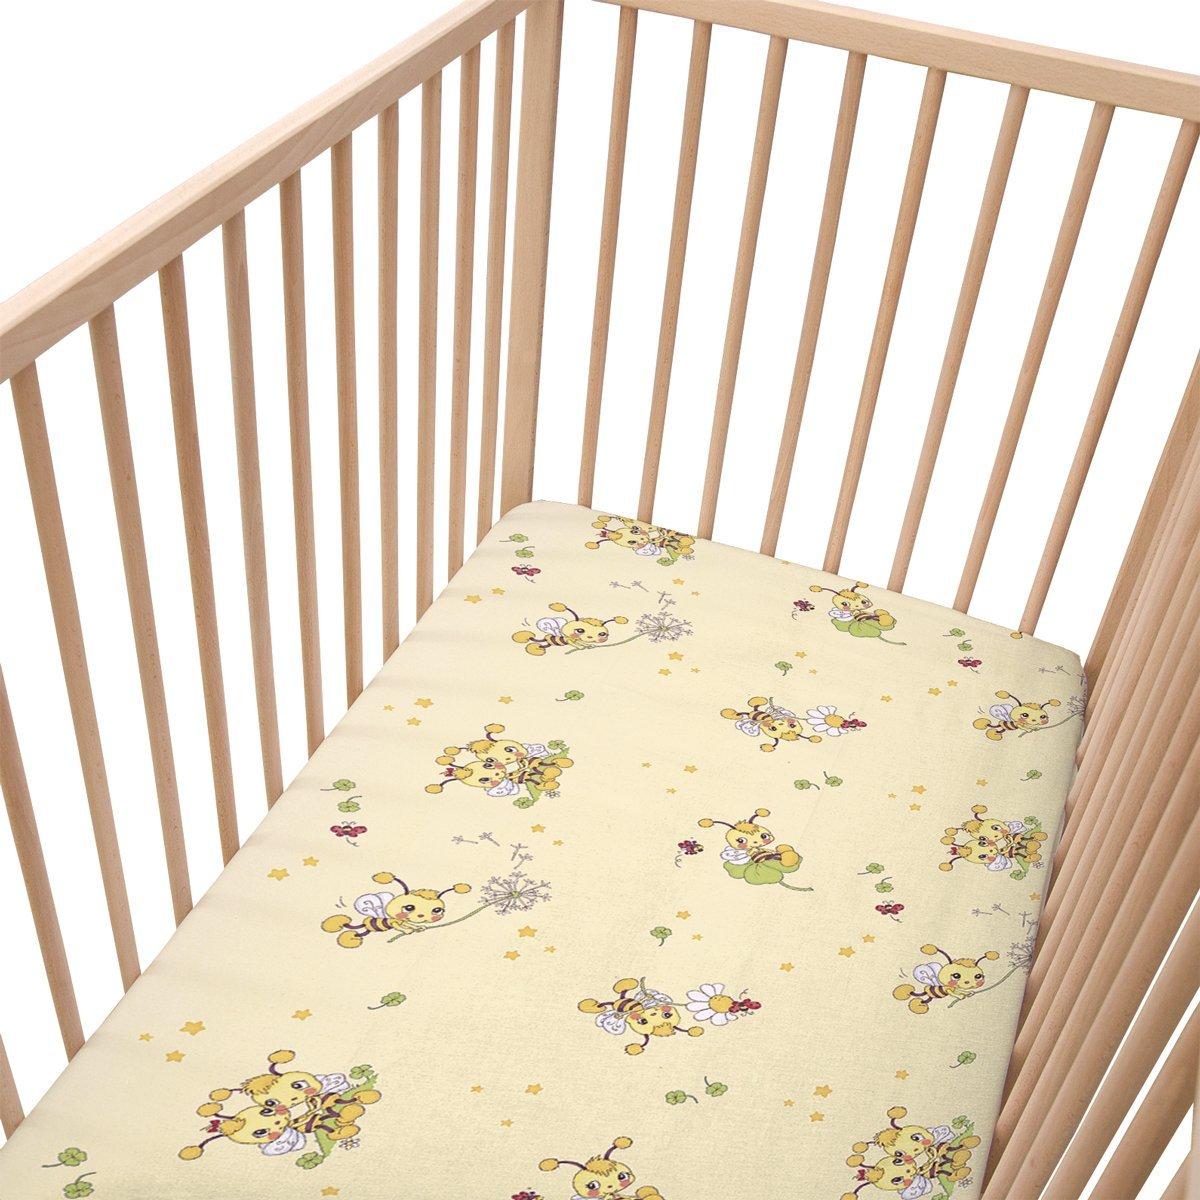 Migliori lenzuola per bambini opinioni e prezzi - Migliore esposizione casa ...